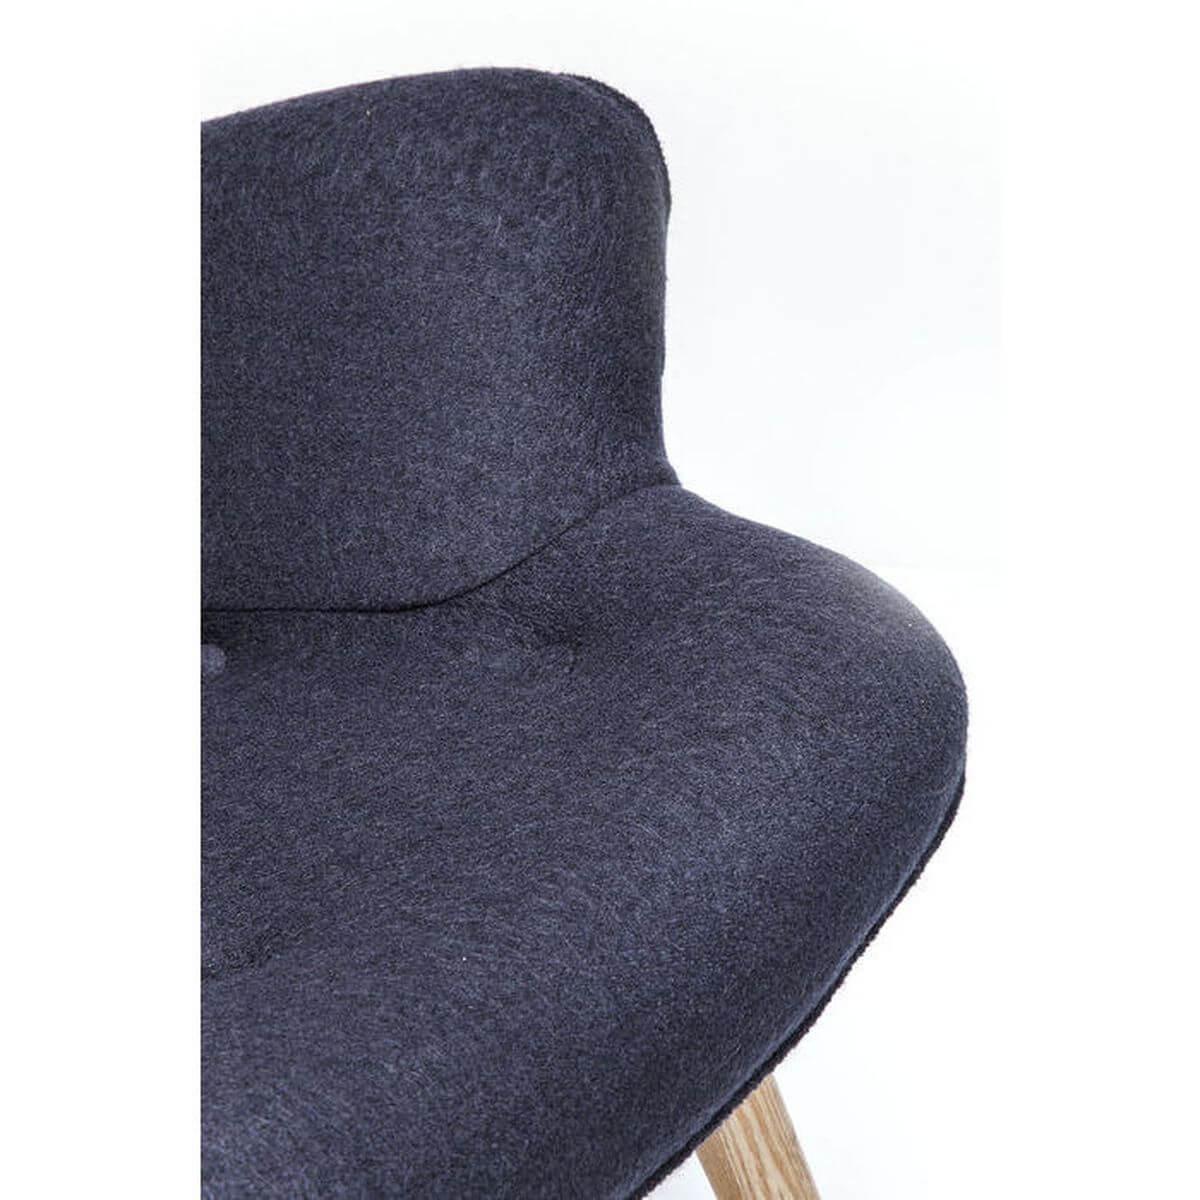 Fauteuil ANGELS WINGS Kare Design gris foncé Eco